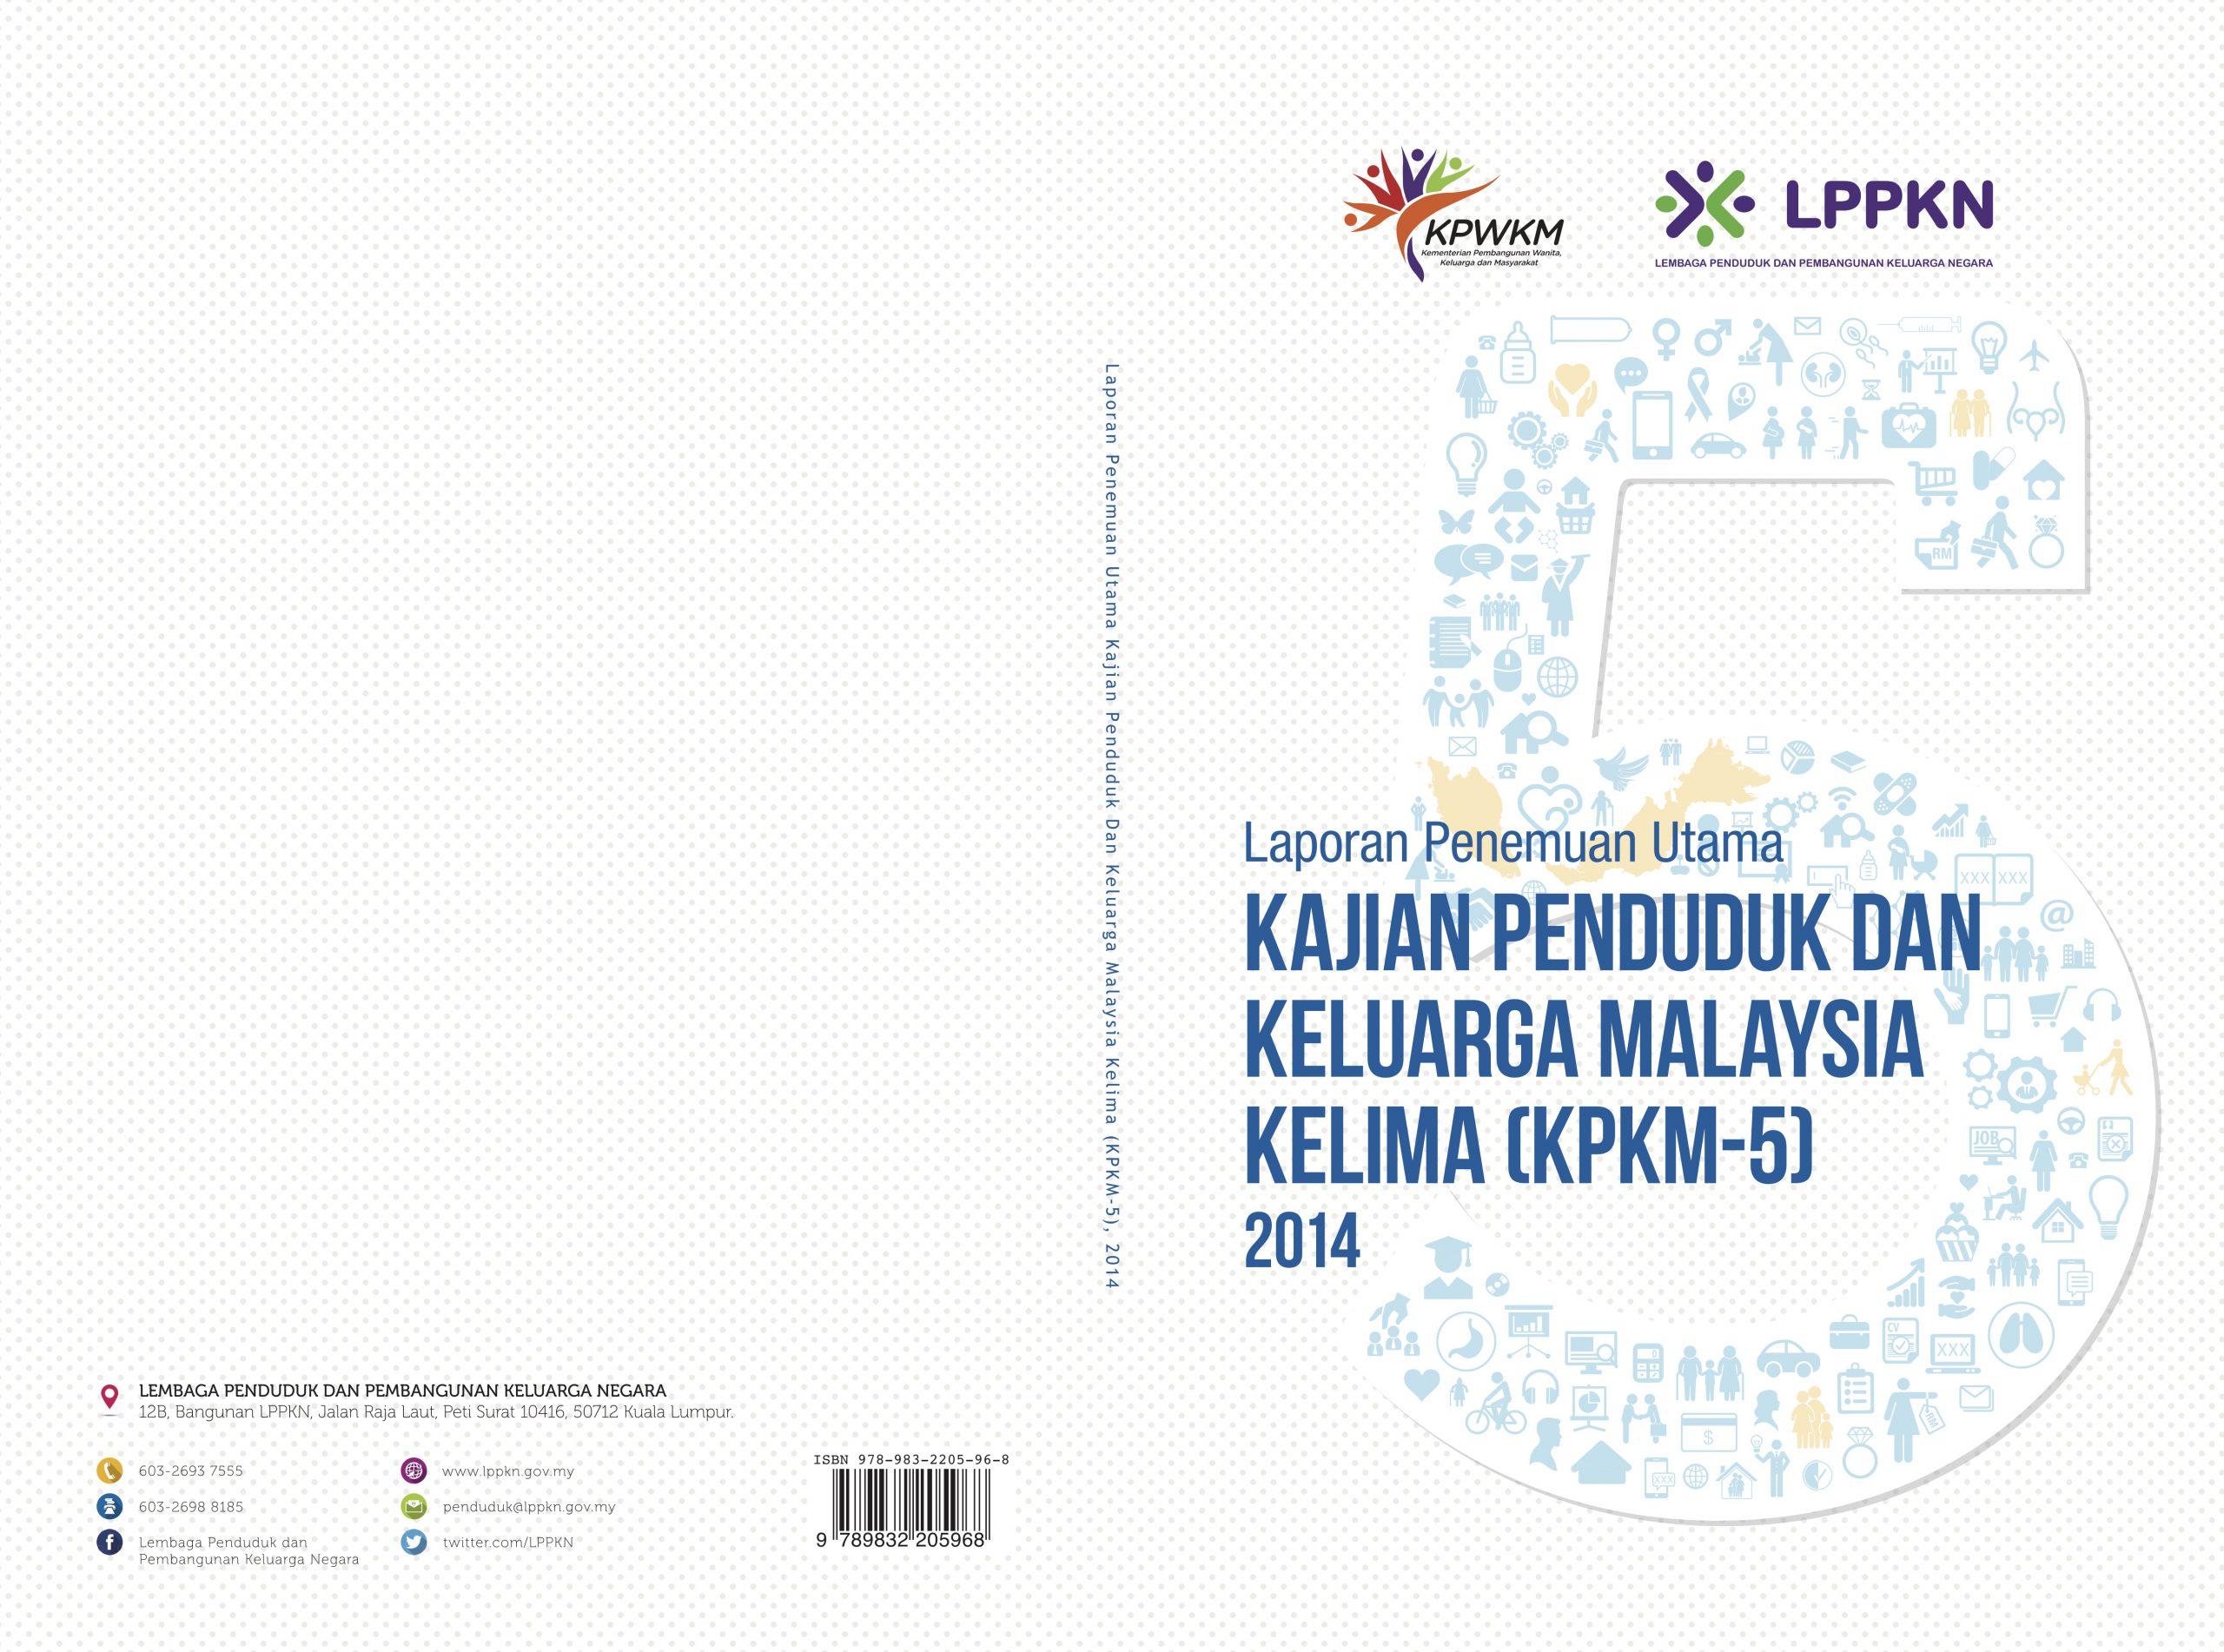 Kajian Penduduk dan Keluarga Malaysia Kelima (KPKM-5) 2014